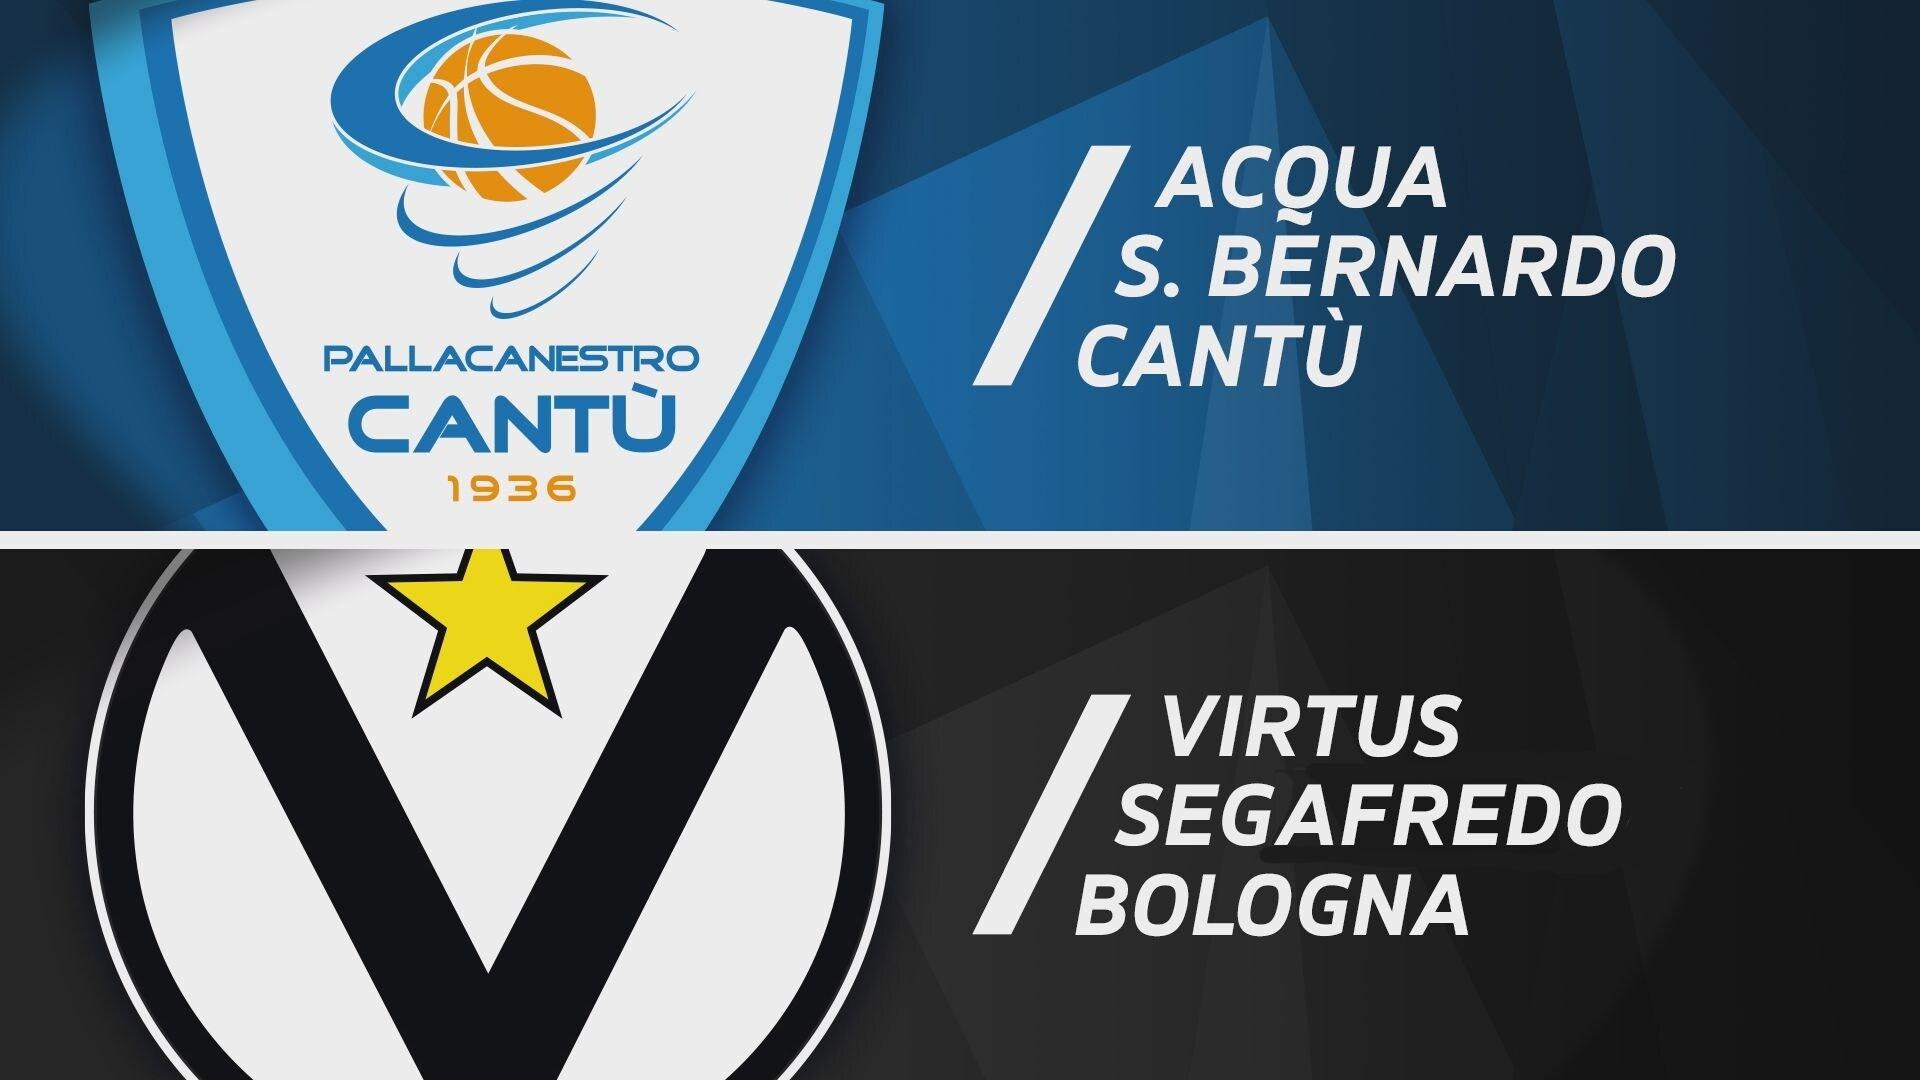 Acqua S.Bernardo Cantù - Virtus Segafredo Bologna 82-91